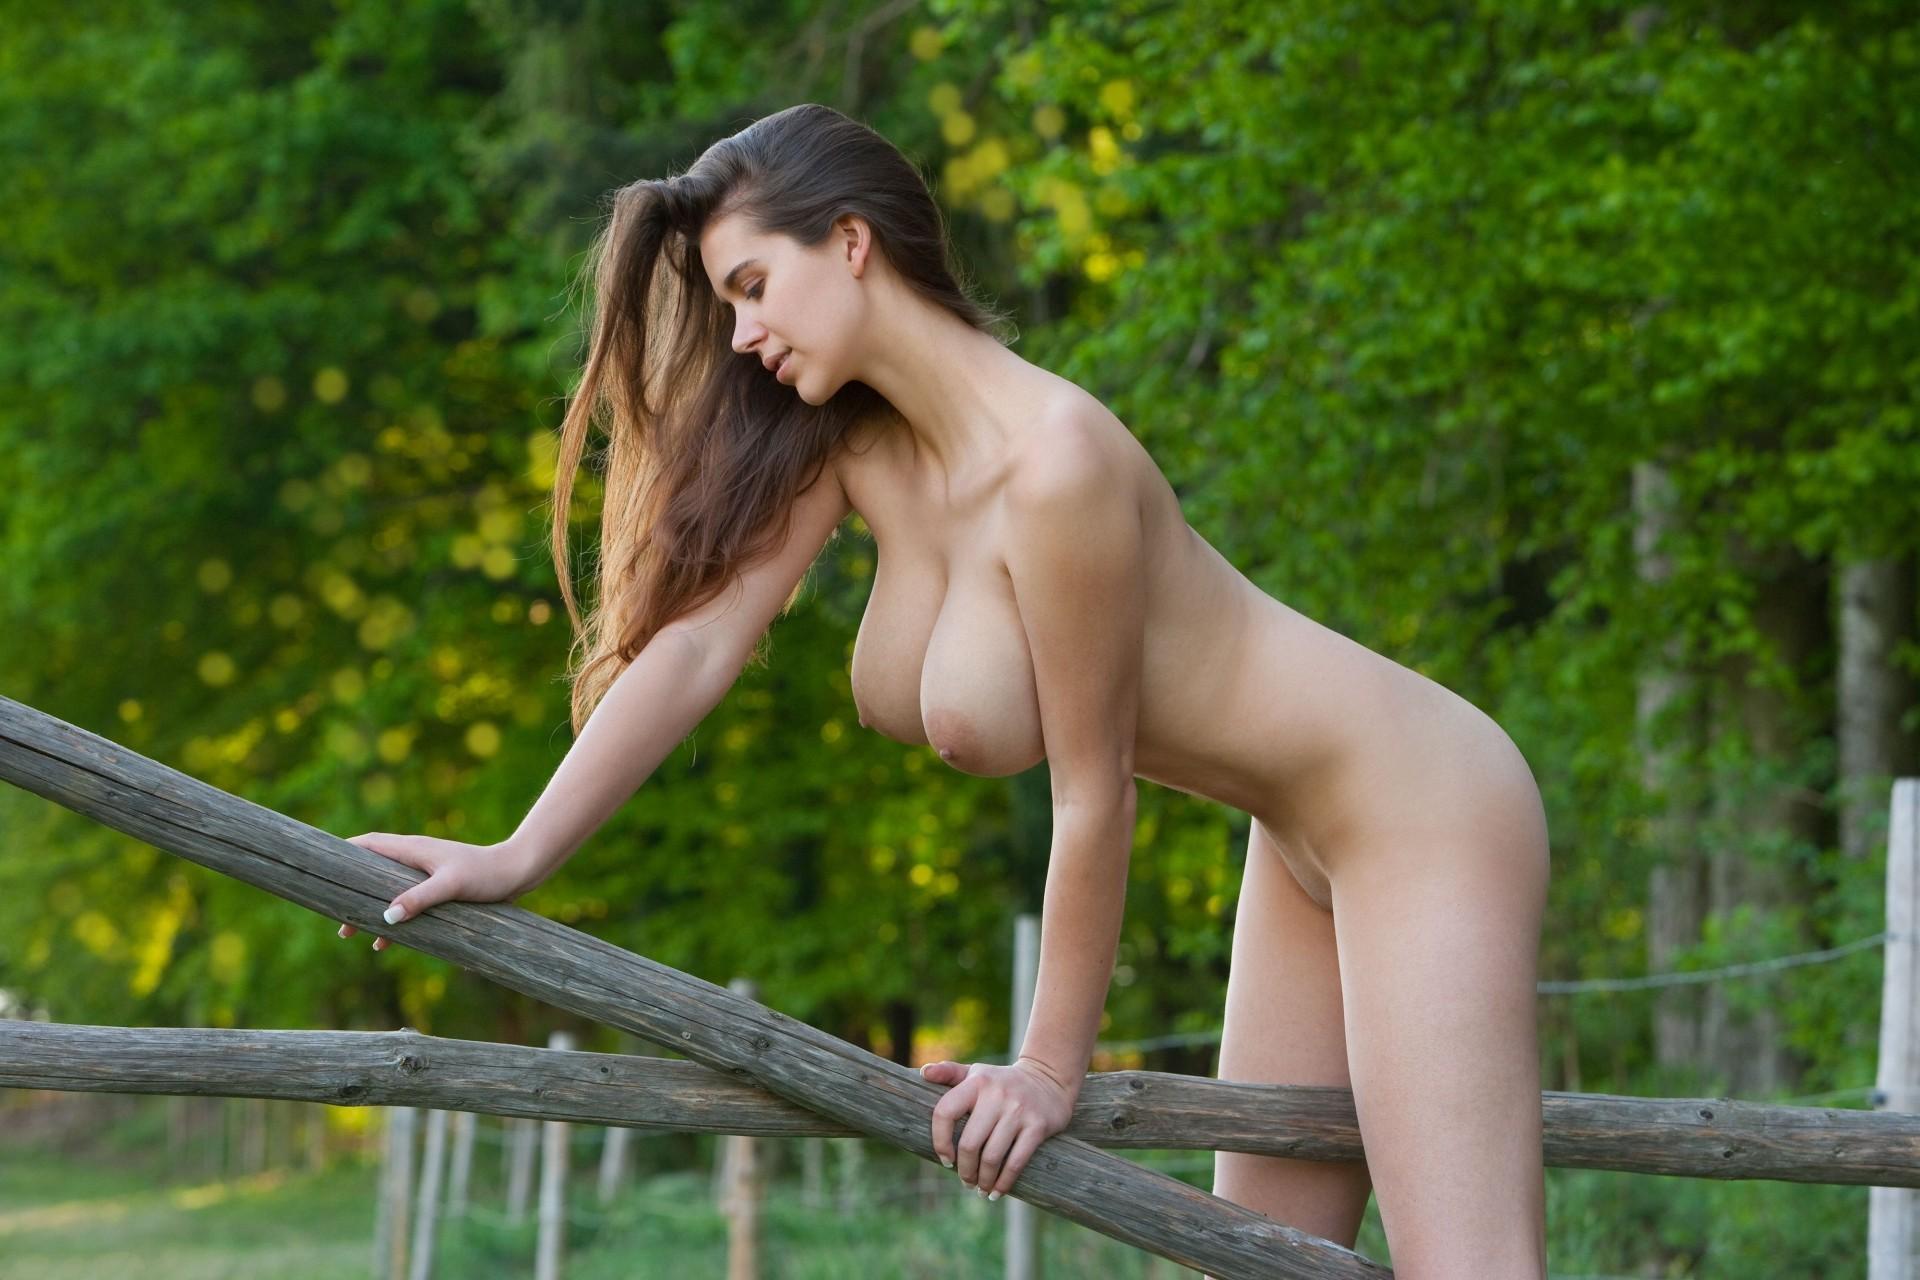 сходиться длинные голые девушки видео эшелон